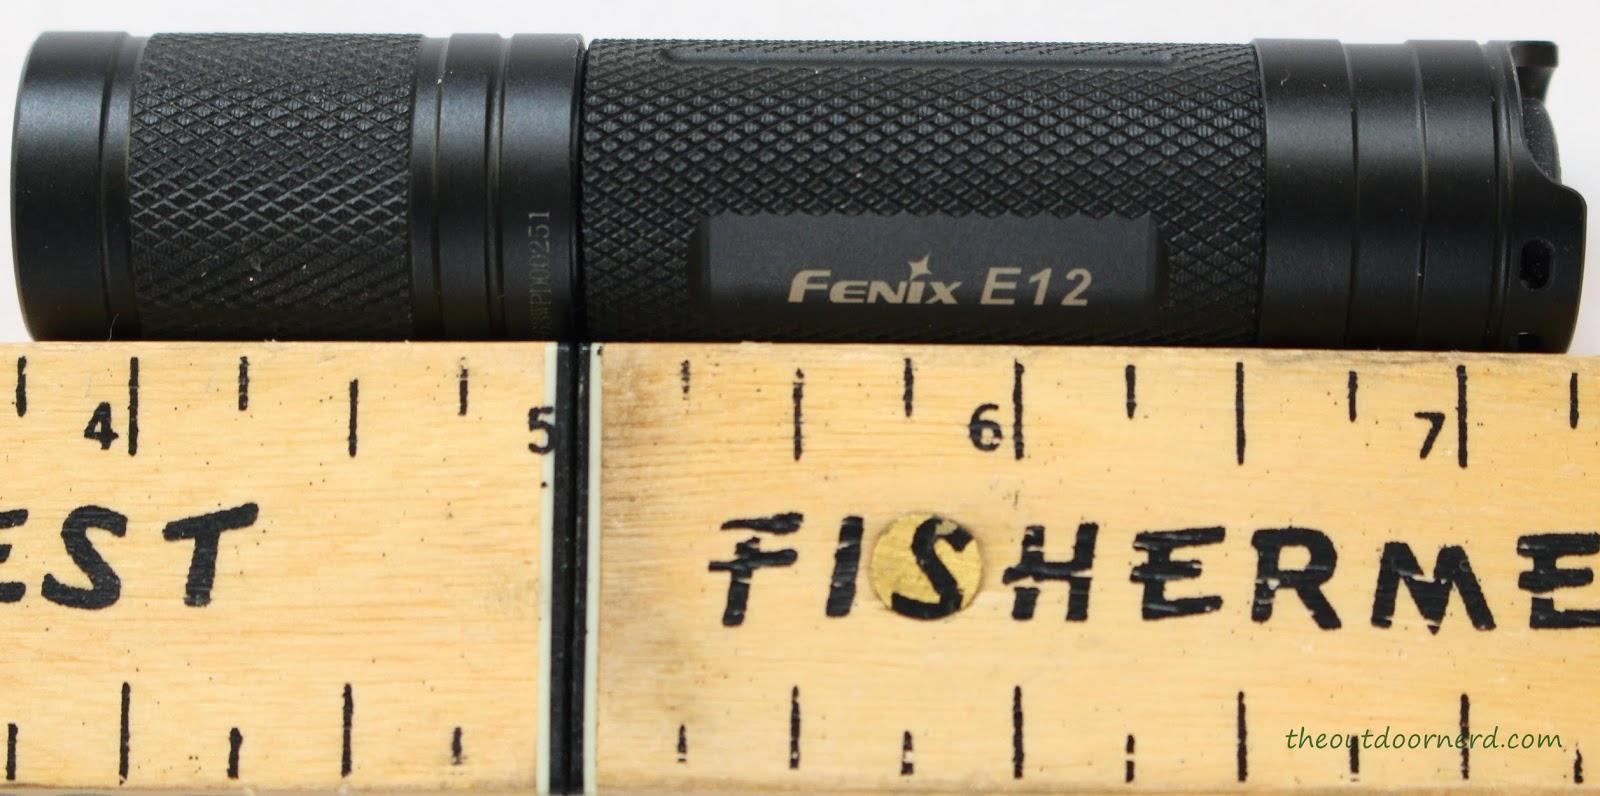 Fenix E12 1xAA EDC Flashlight Next To Ruler